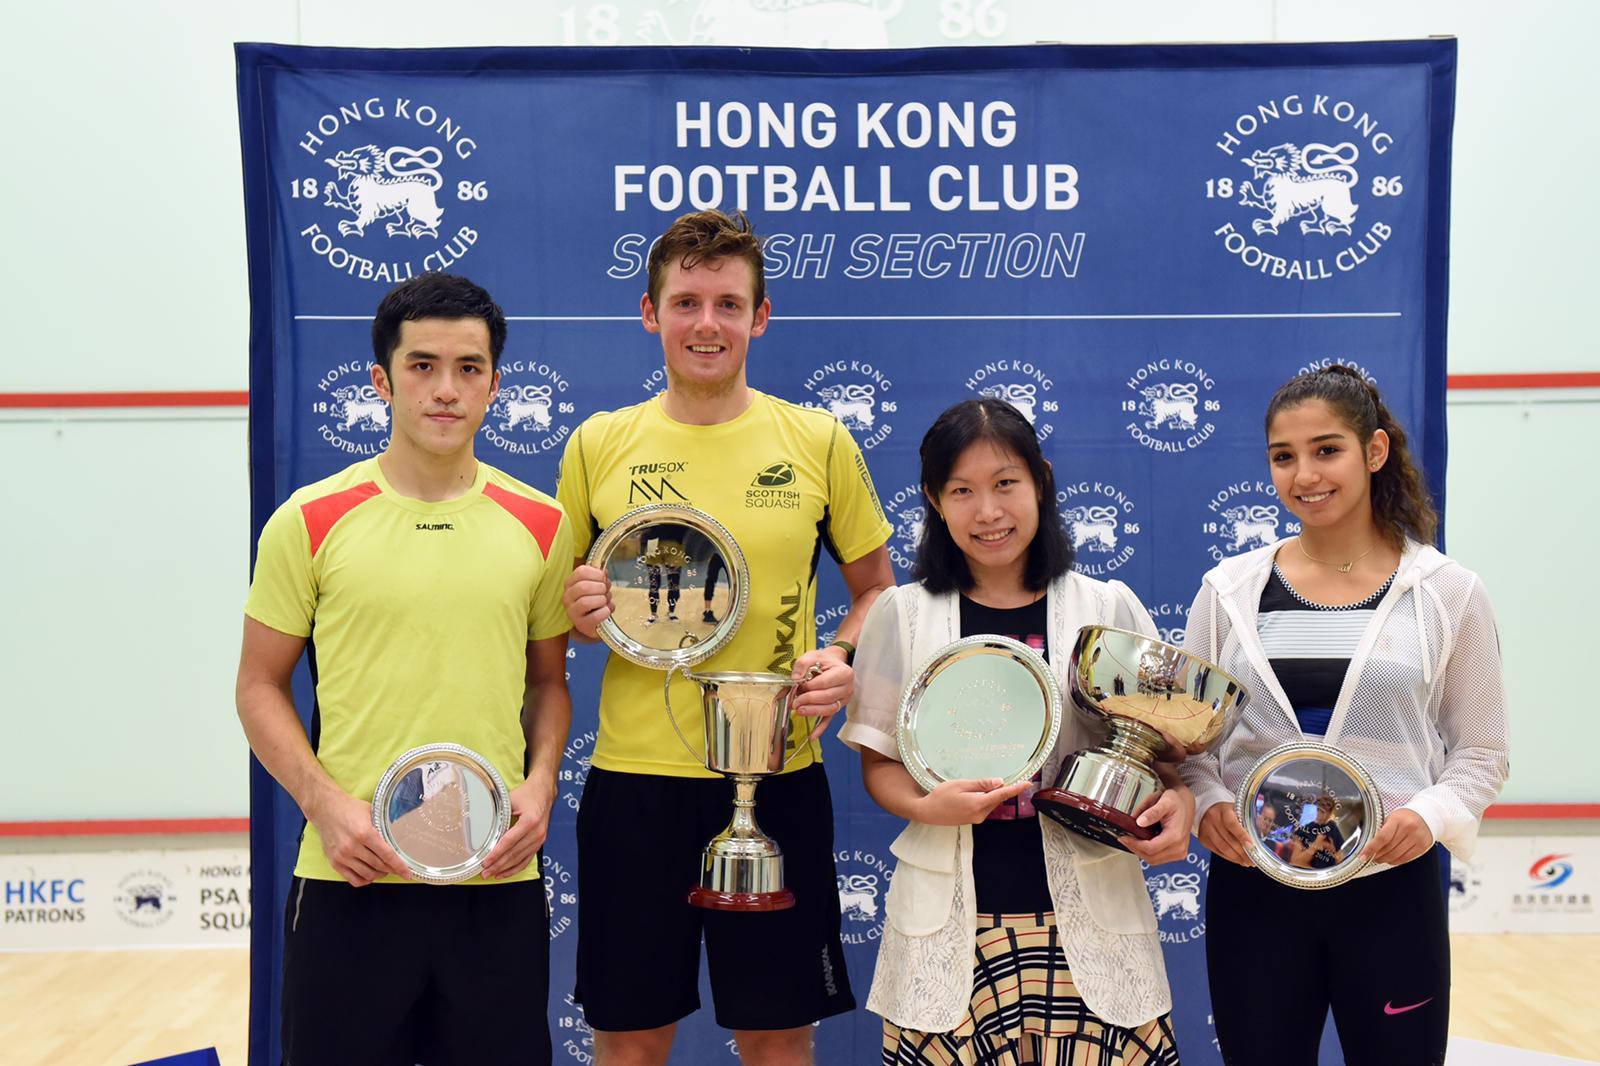 港隊猛將歐詠芝(右二)衛冕香港足球會國際壁球職業計分賽女單冠軍。相片由香港壁球總會提供